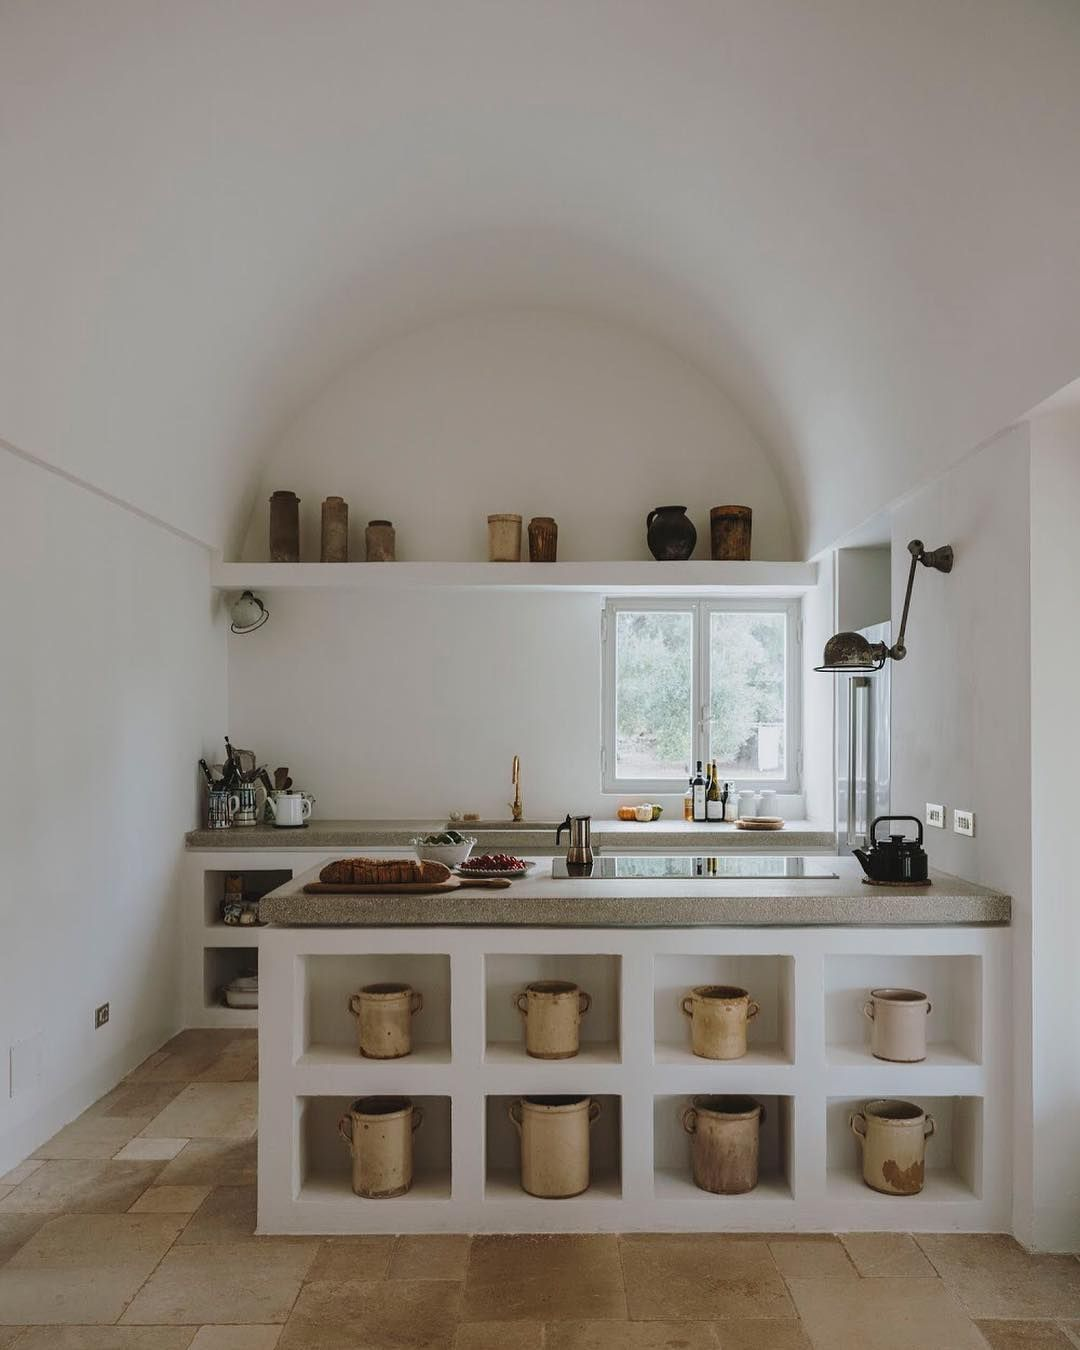 Epingle Par Paula Kose Sur Praktisches Maison Cuisines Maison